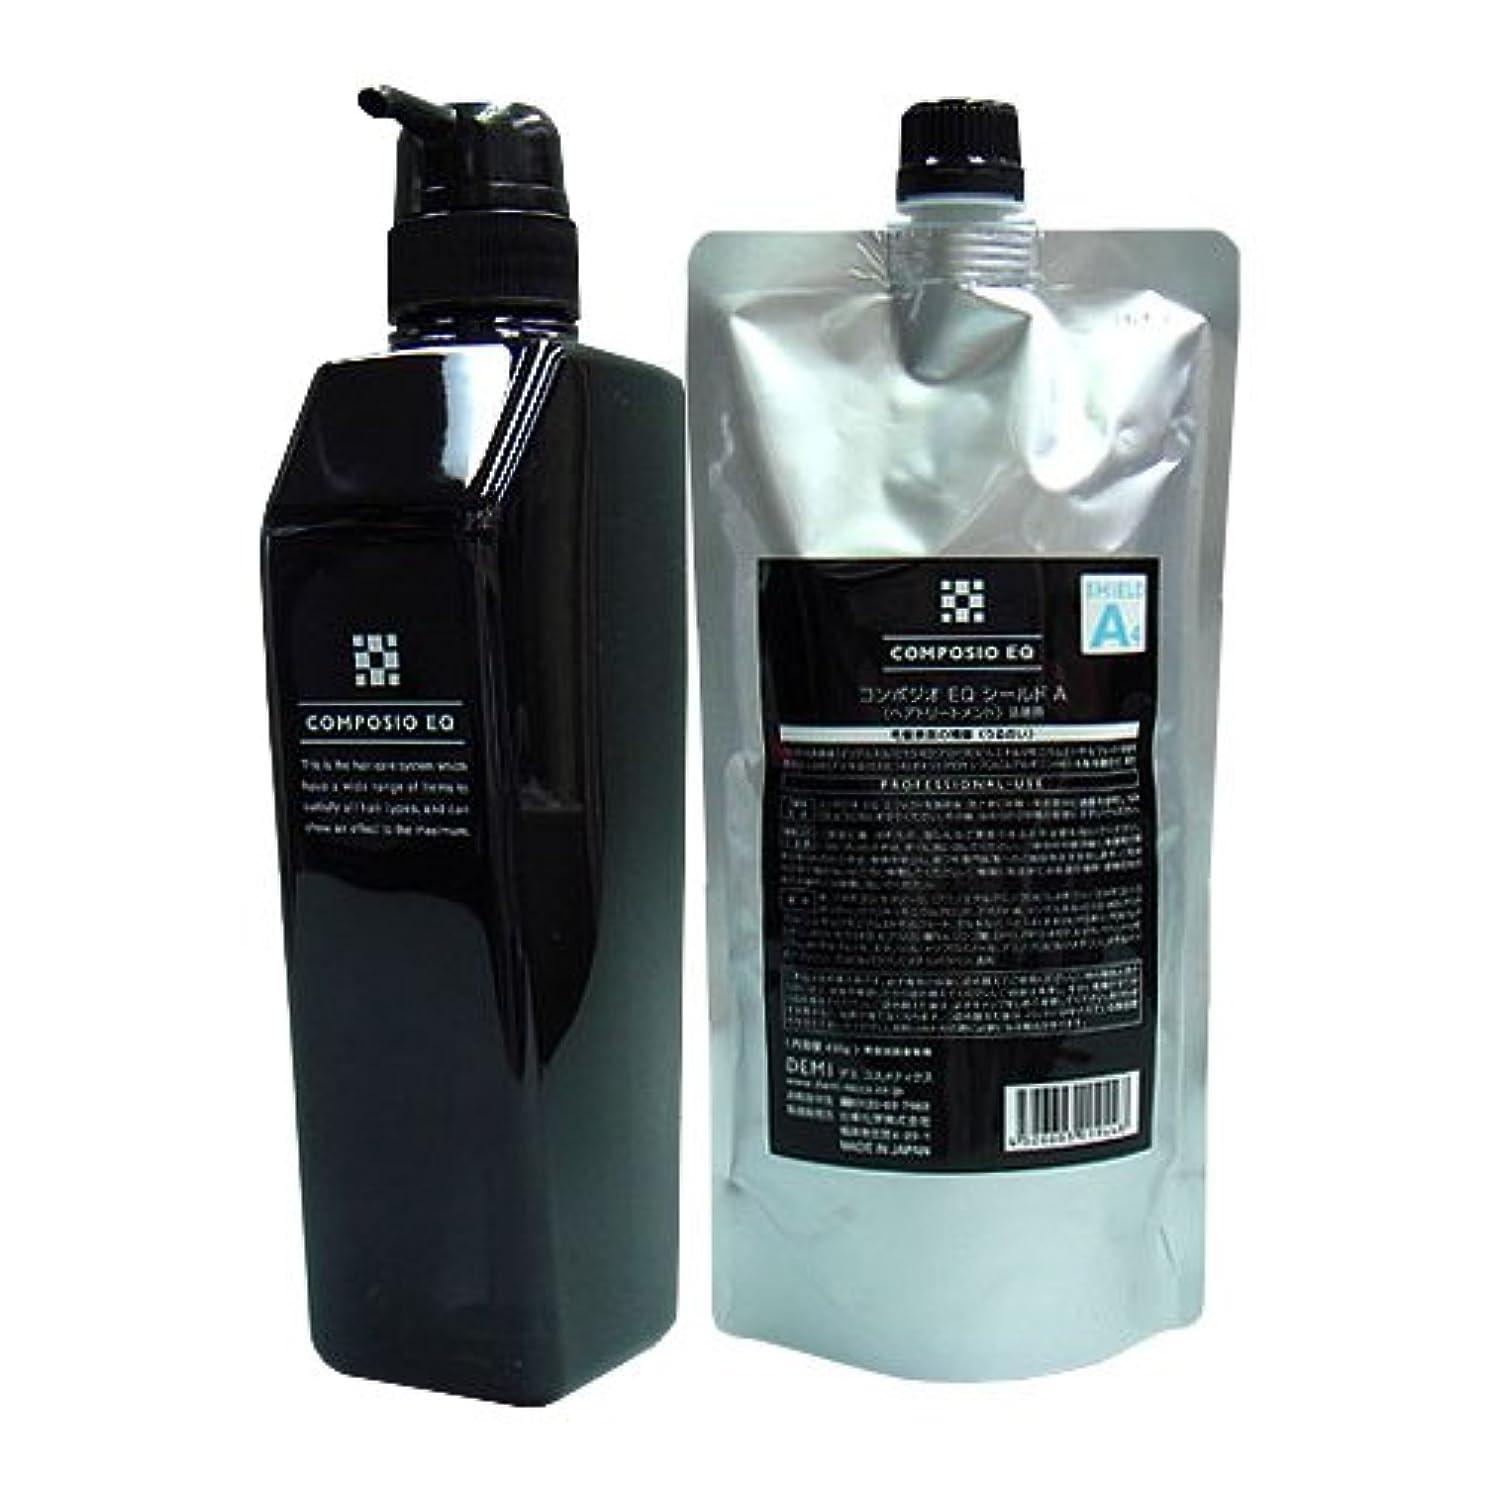 最初指蒸デミ コンポジオ EQ シールド A 詰替え ボトルセット うるおいタイプ 450g